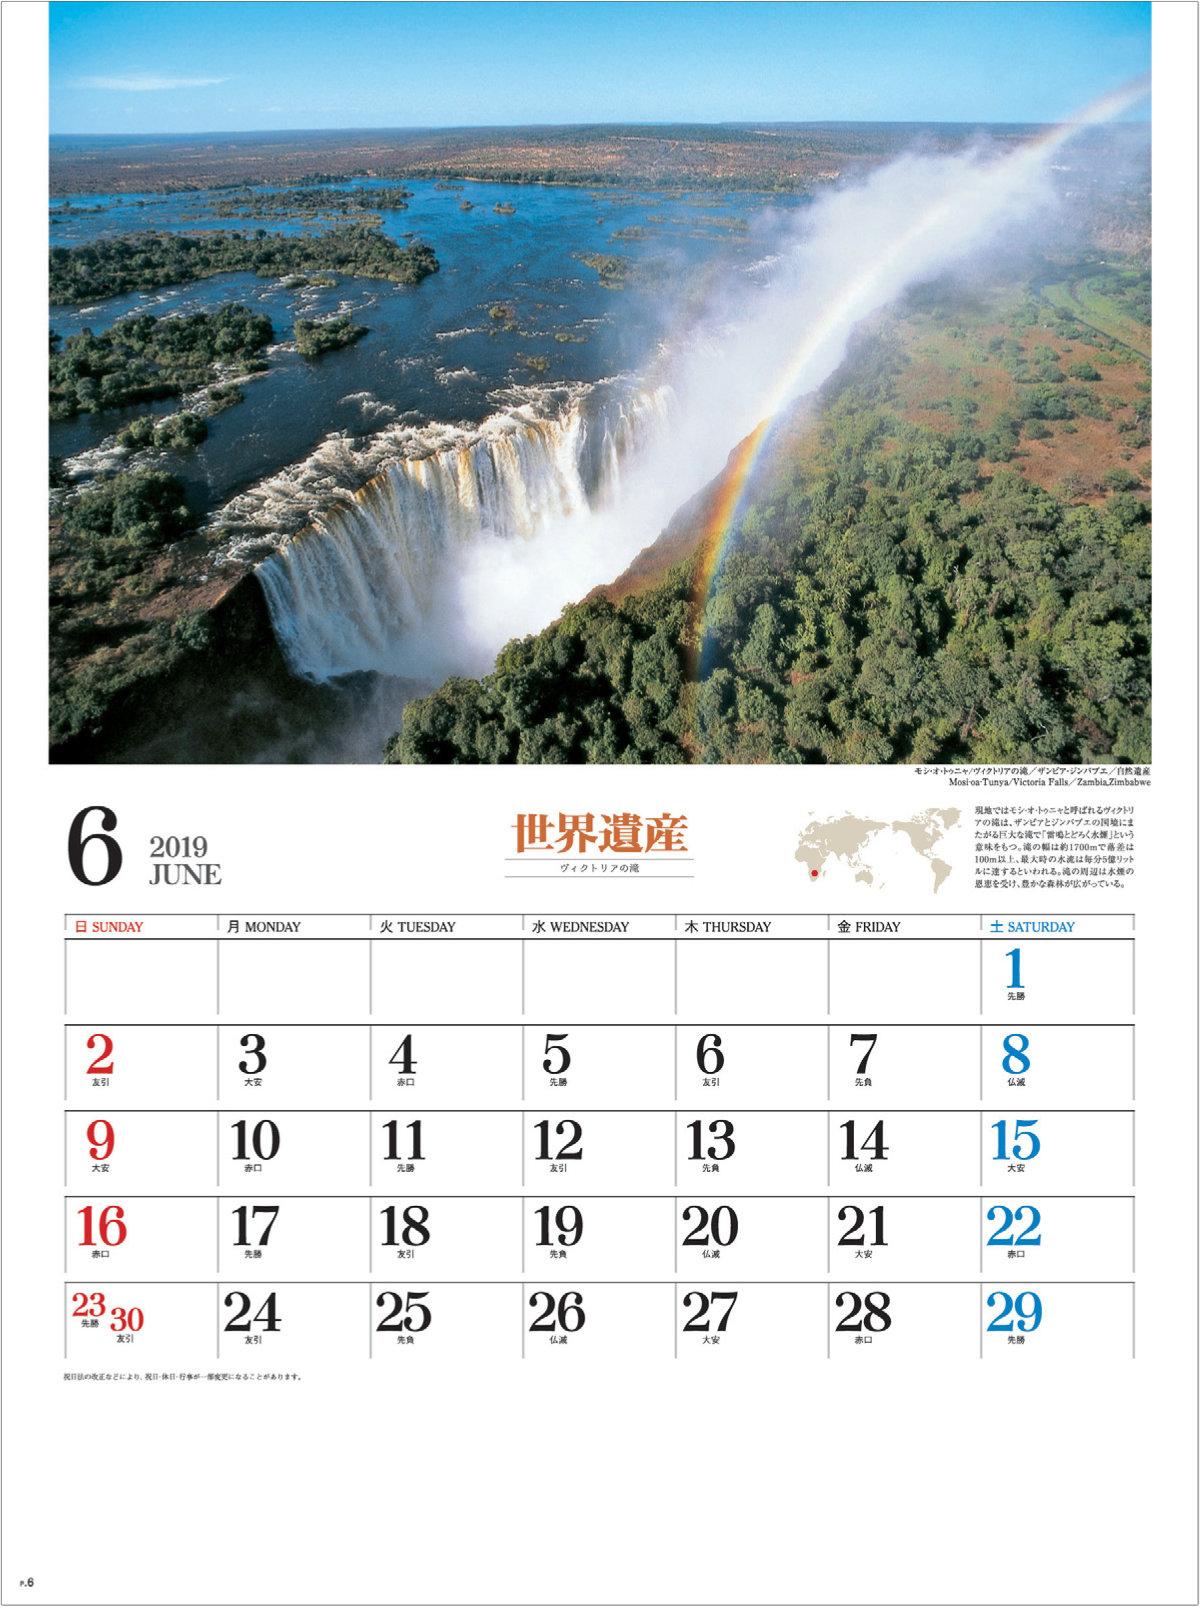 画像:ザンビア・ジンバブエ ヴィクトリアの滝 ユネスコ世界遺産 2019年カレンダー